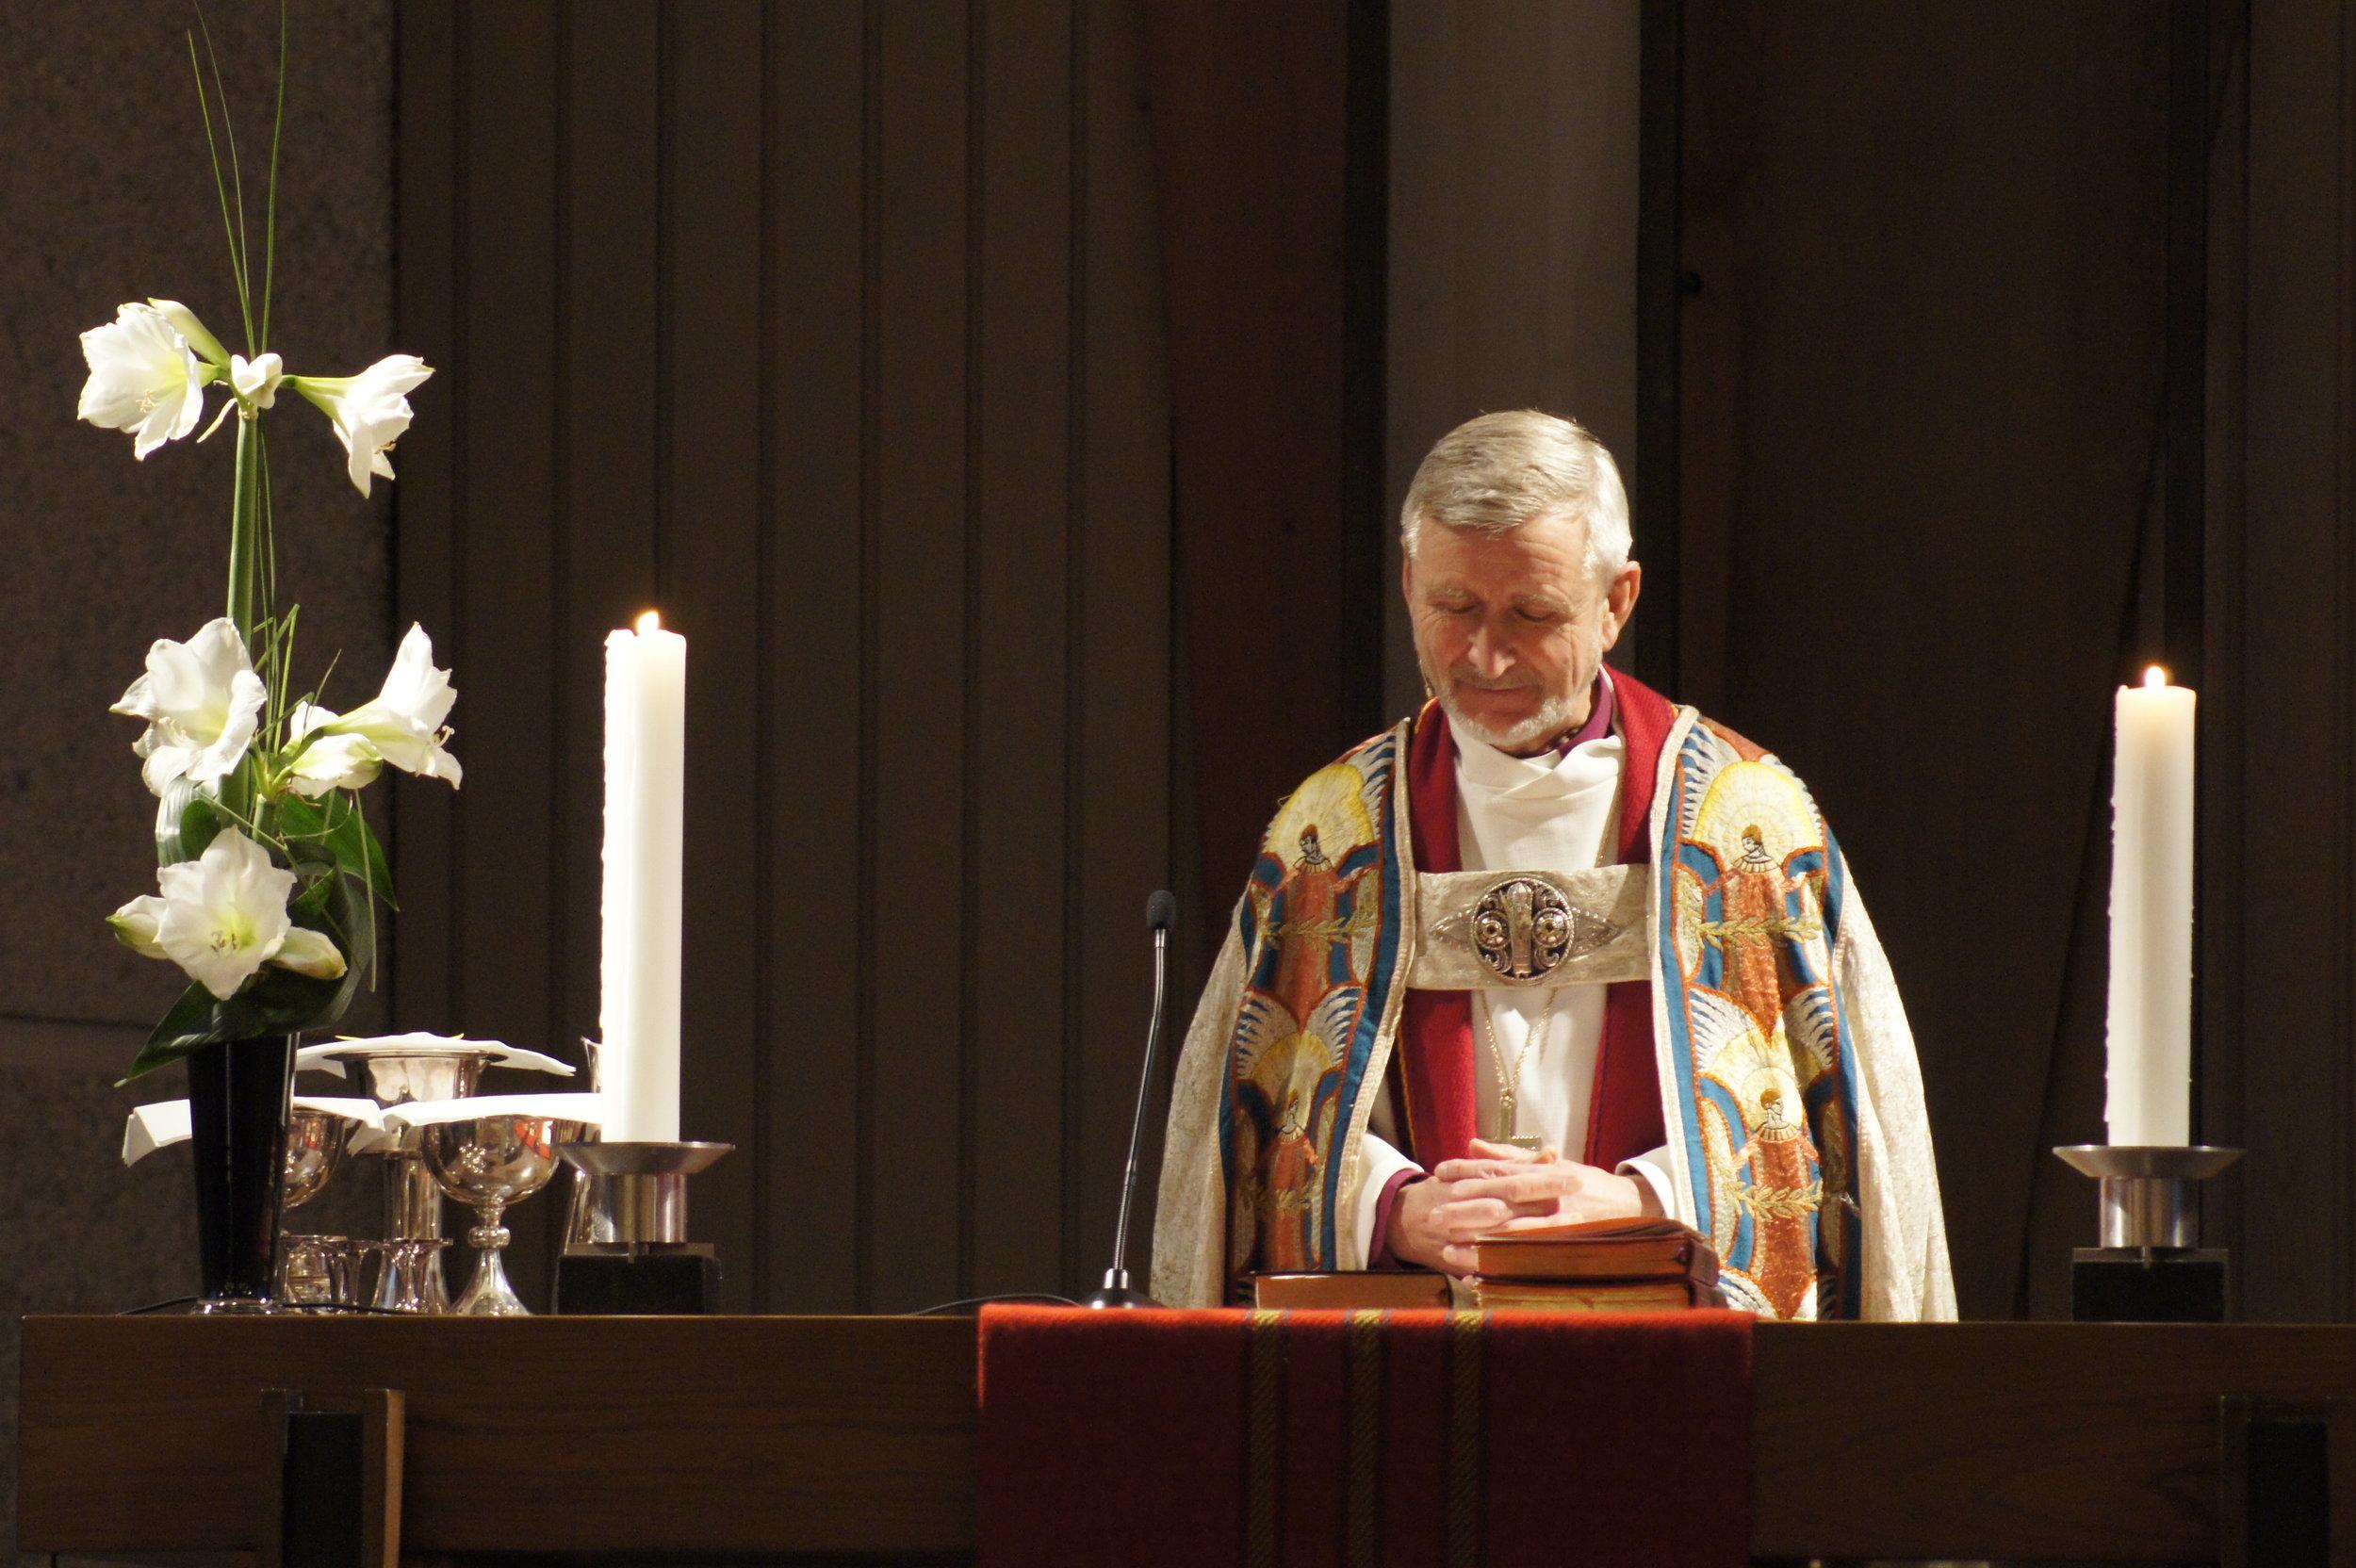 Erling Pettersen ved alteret i Gand kirke i Sandnes. (Foto: Agnes Christensen)